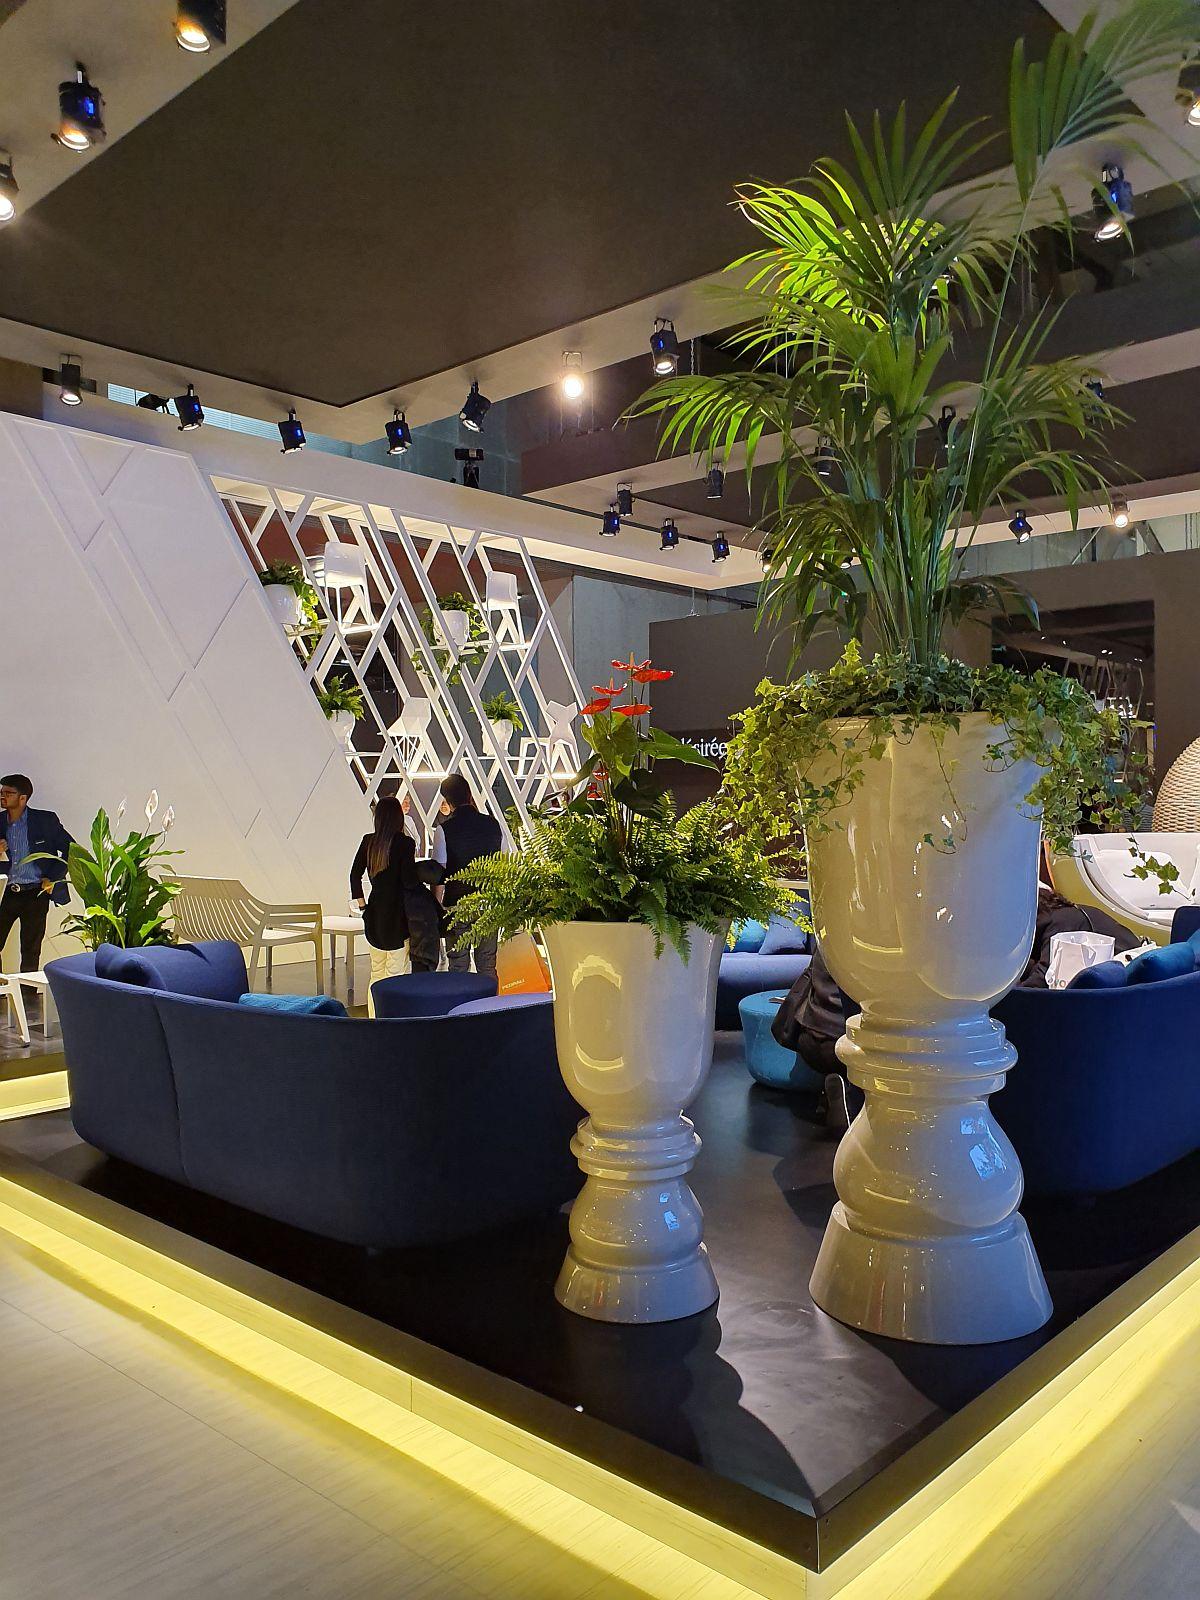 Vase supradimensionate pentru plante impozante în standul Vondom. Iluminatul lu LED a completat spectacolul vizual.